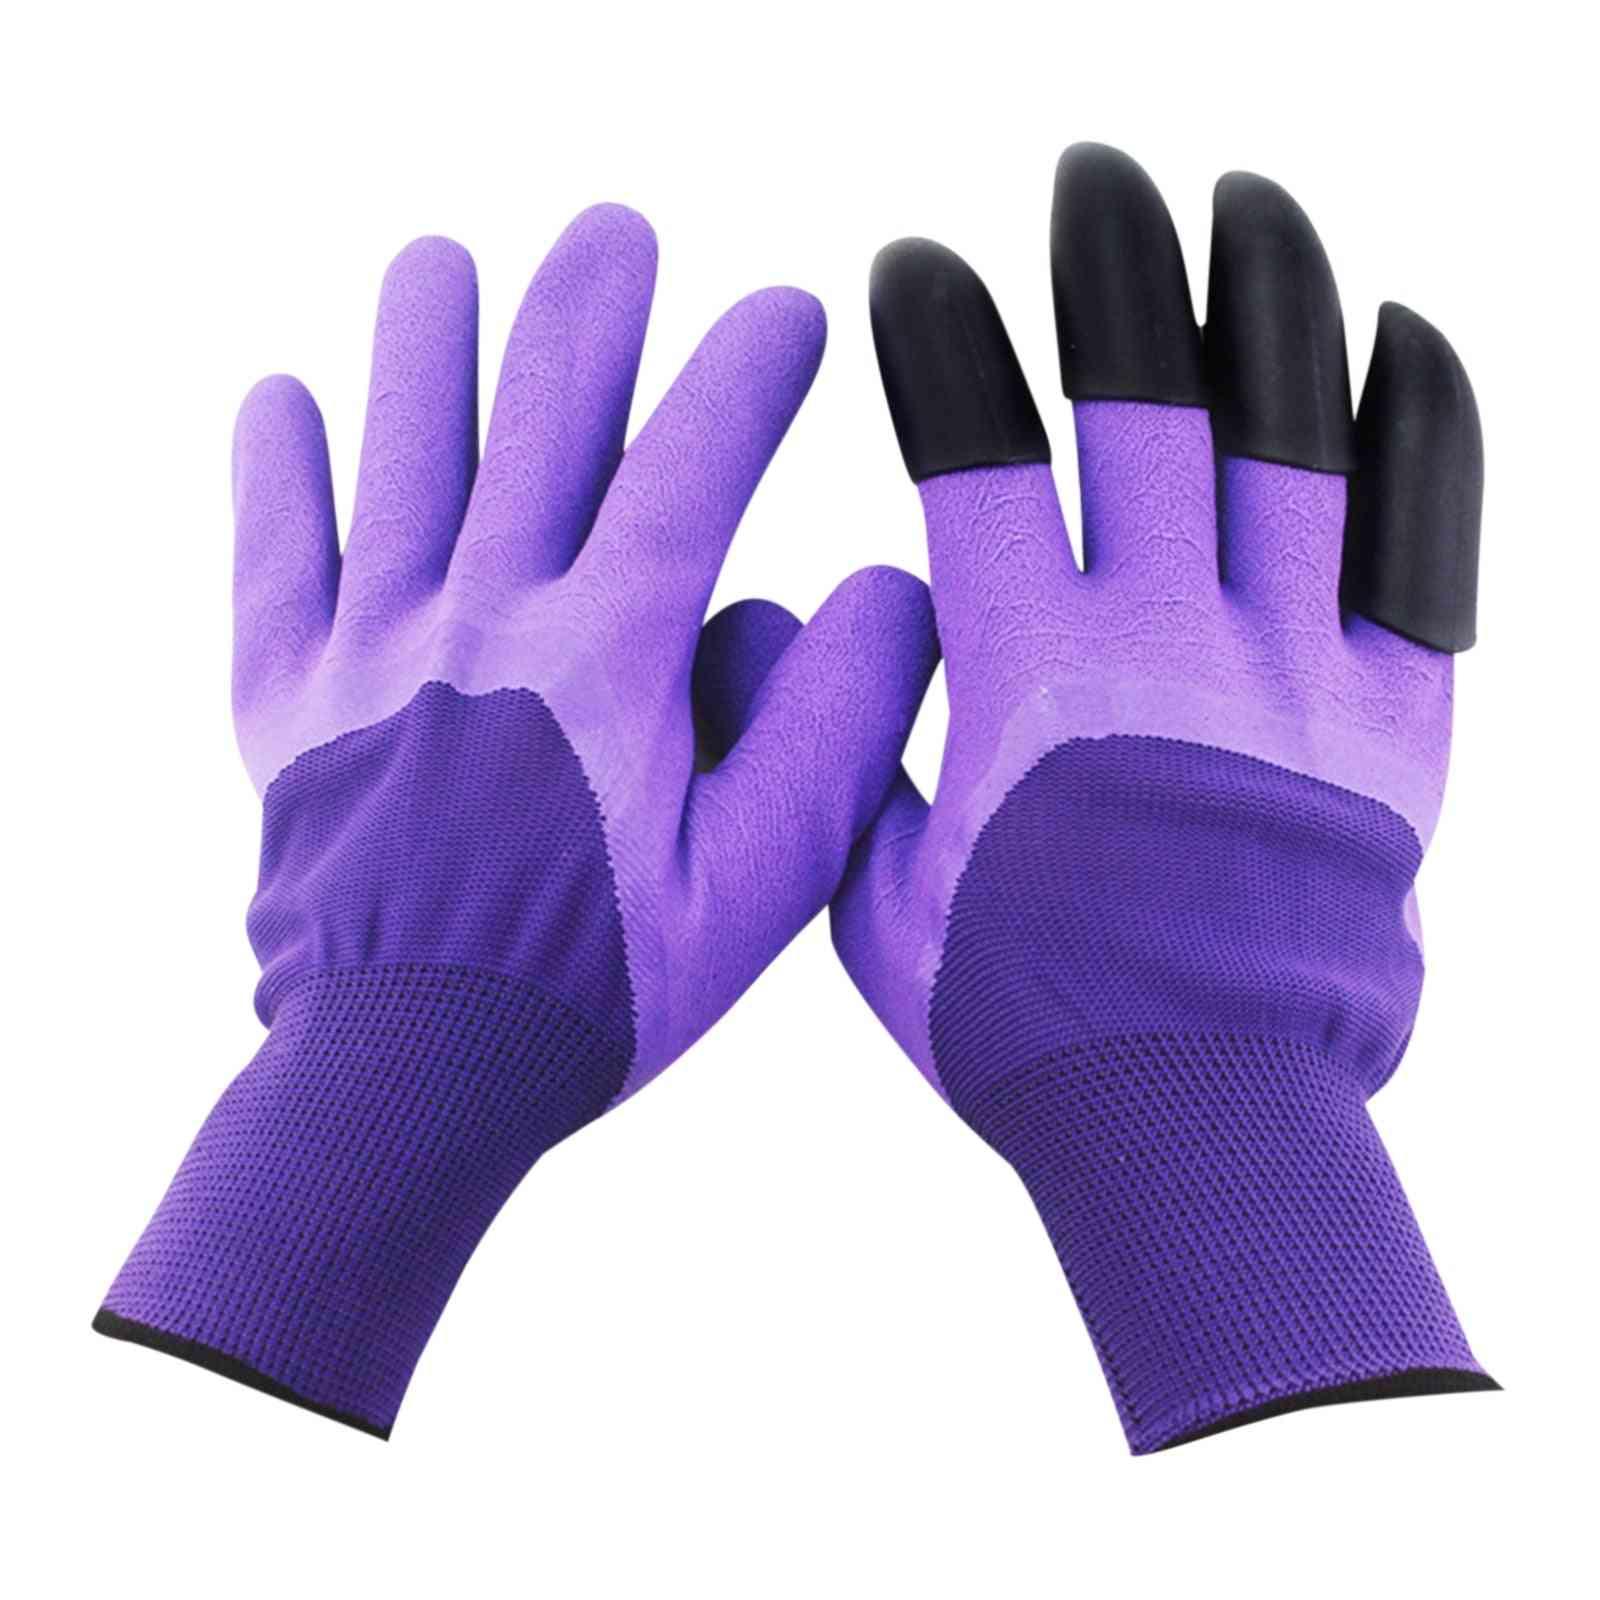 Plastic Garden Rubber Gloves